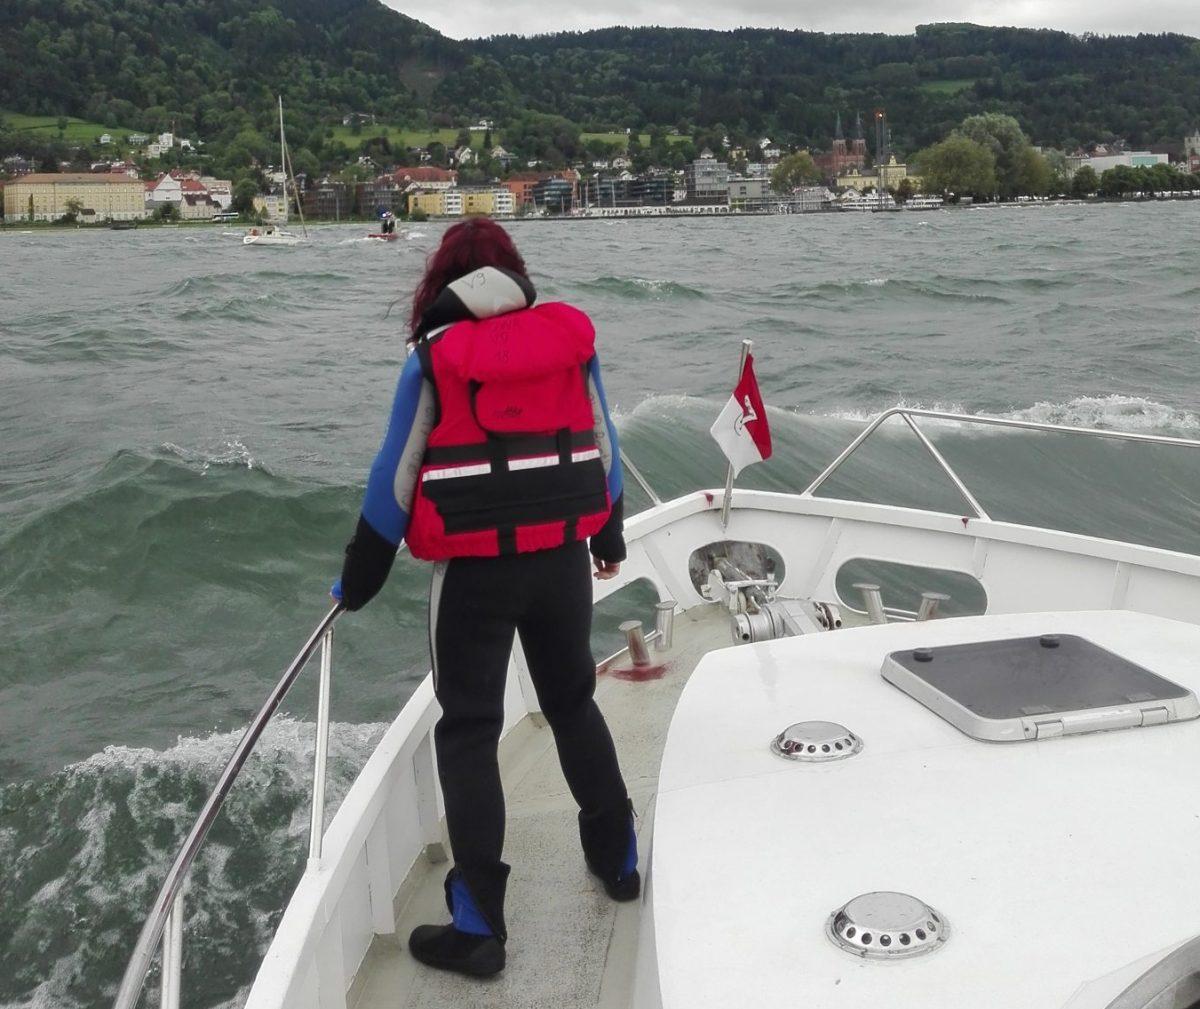 Sturm-Einsatz in Bregenz